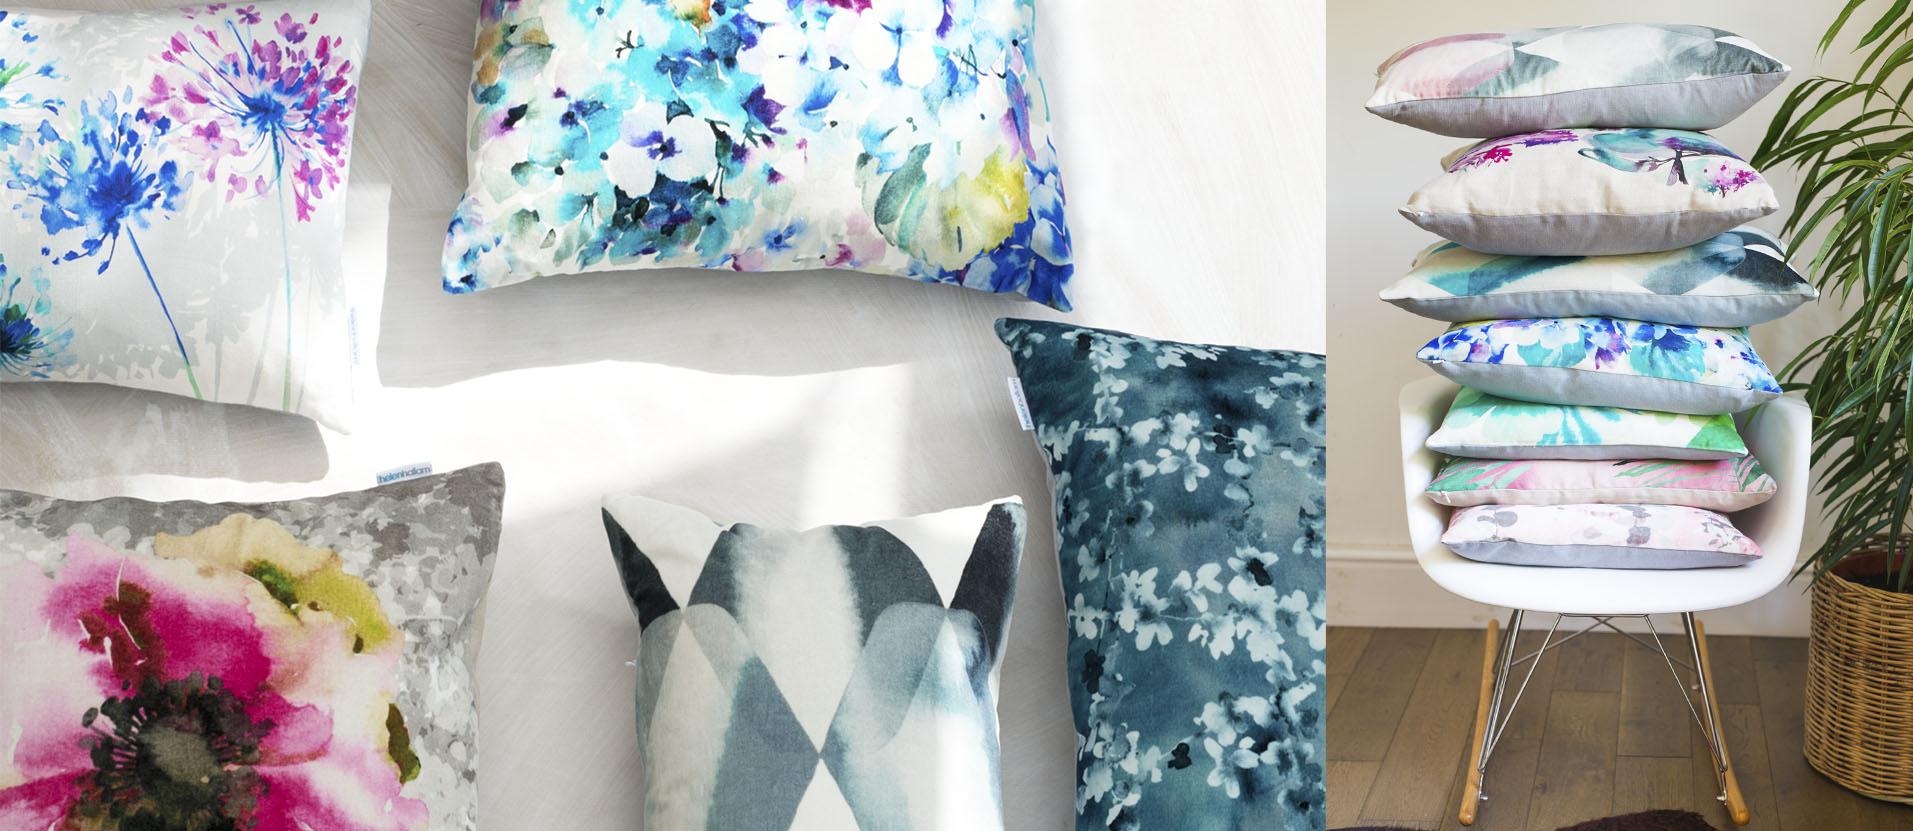 Banner_Cushions.jpg